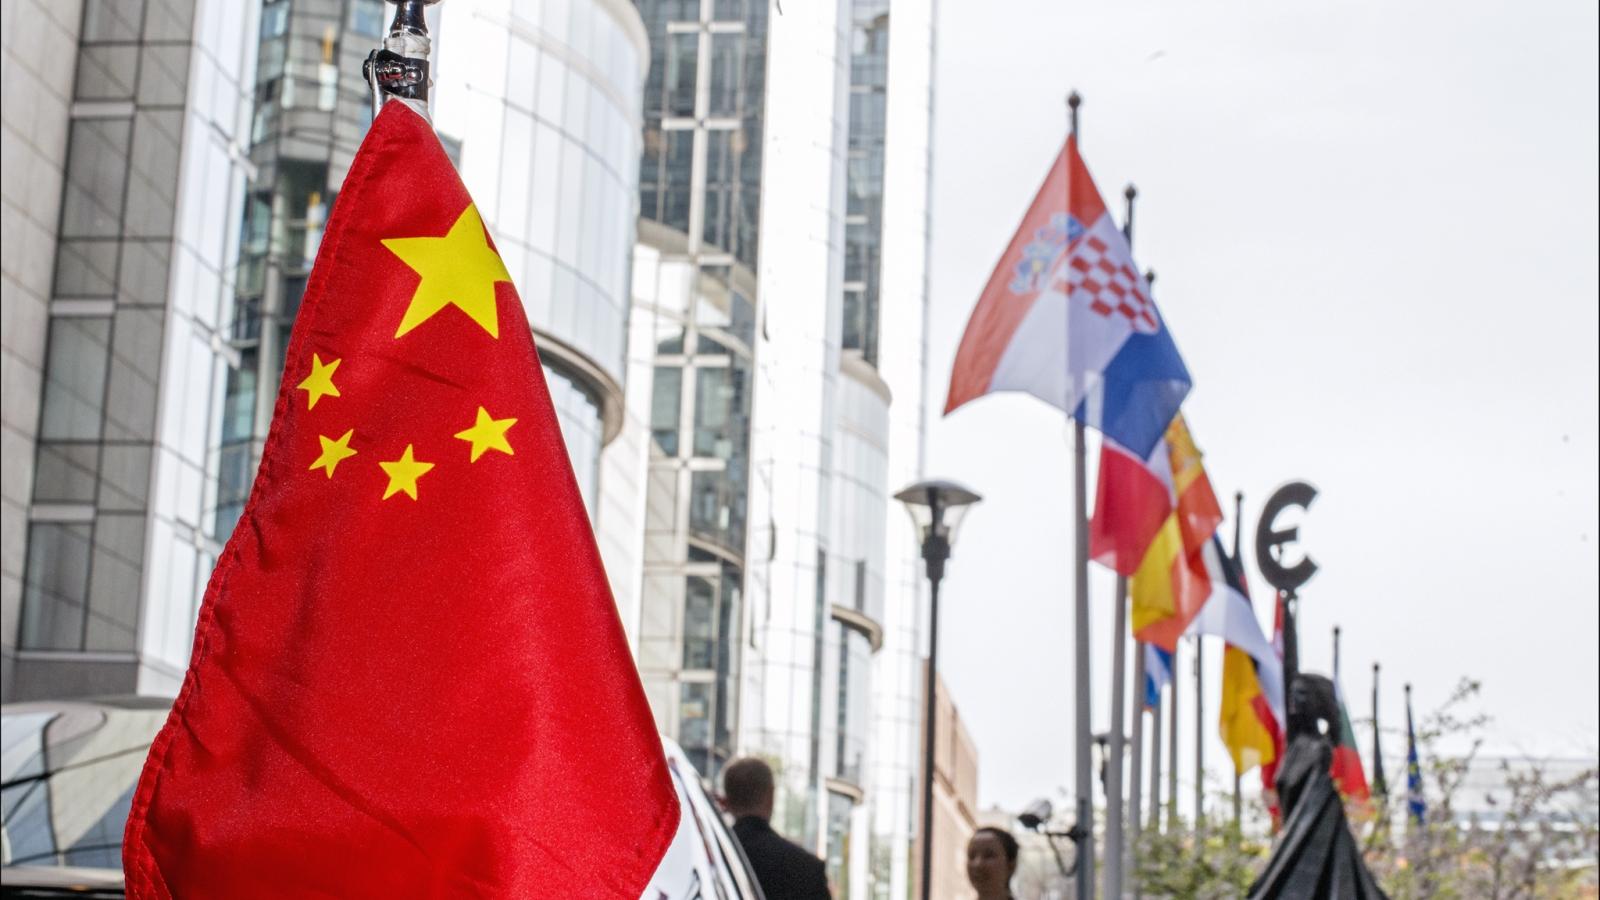 """Sai lầm nghiêm trọng khiến Trung Quốc đang """"mất"""" châu Âu"""